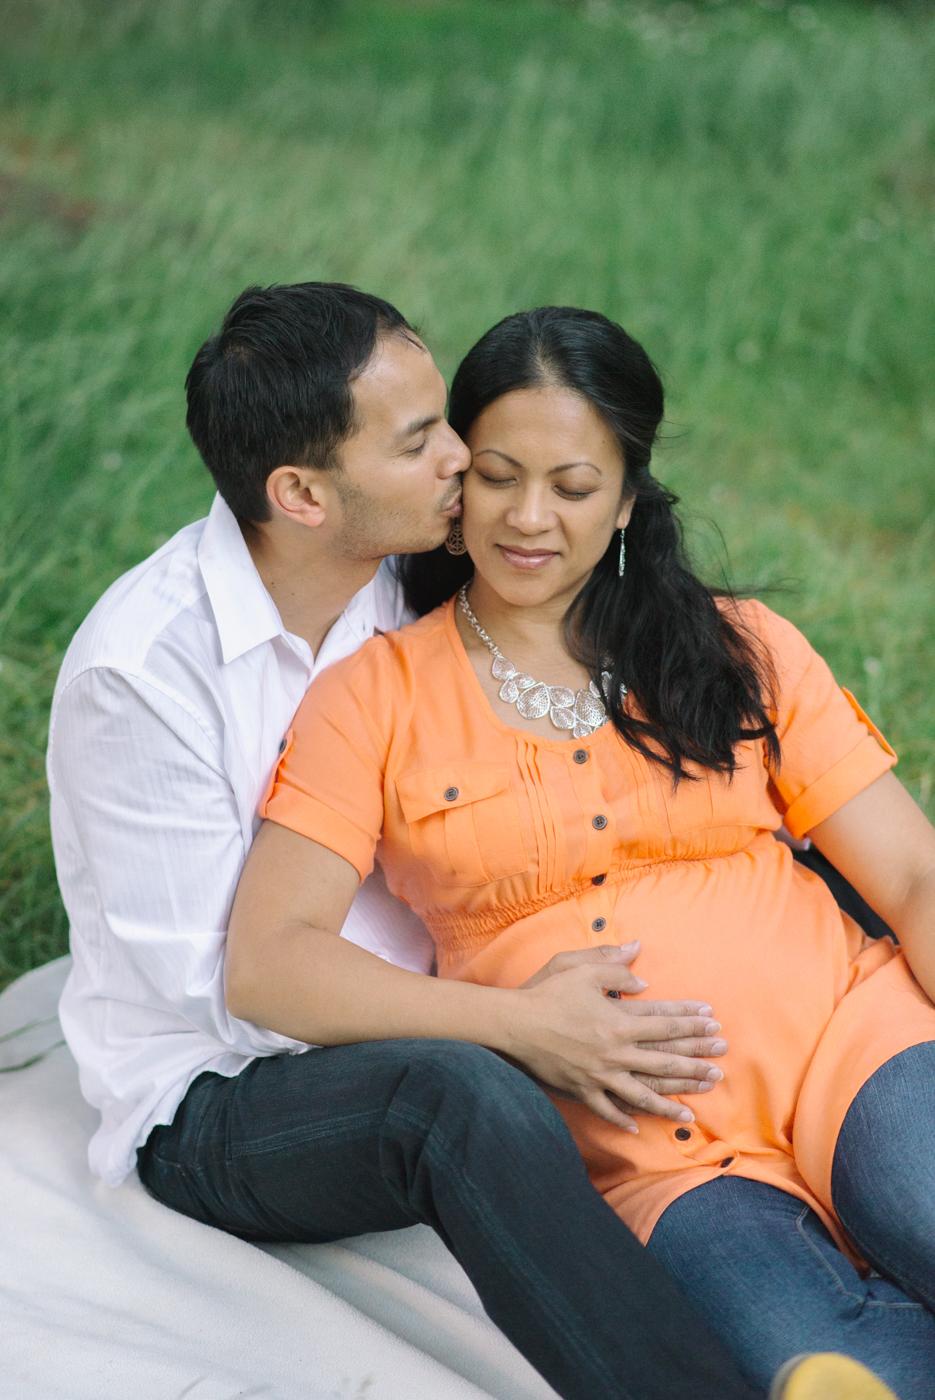 Portland-oregon-maternity-photography-couple-Hoyt-Arboretum-Washington-Park-picnic-professional-family-session-photos-natural-woodland-15